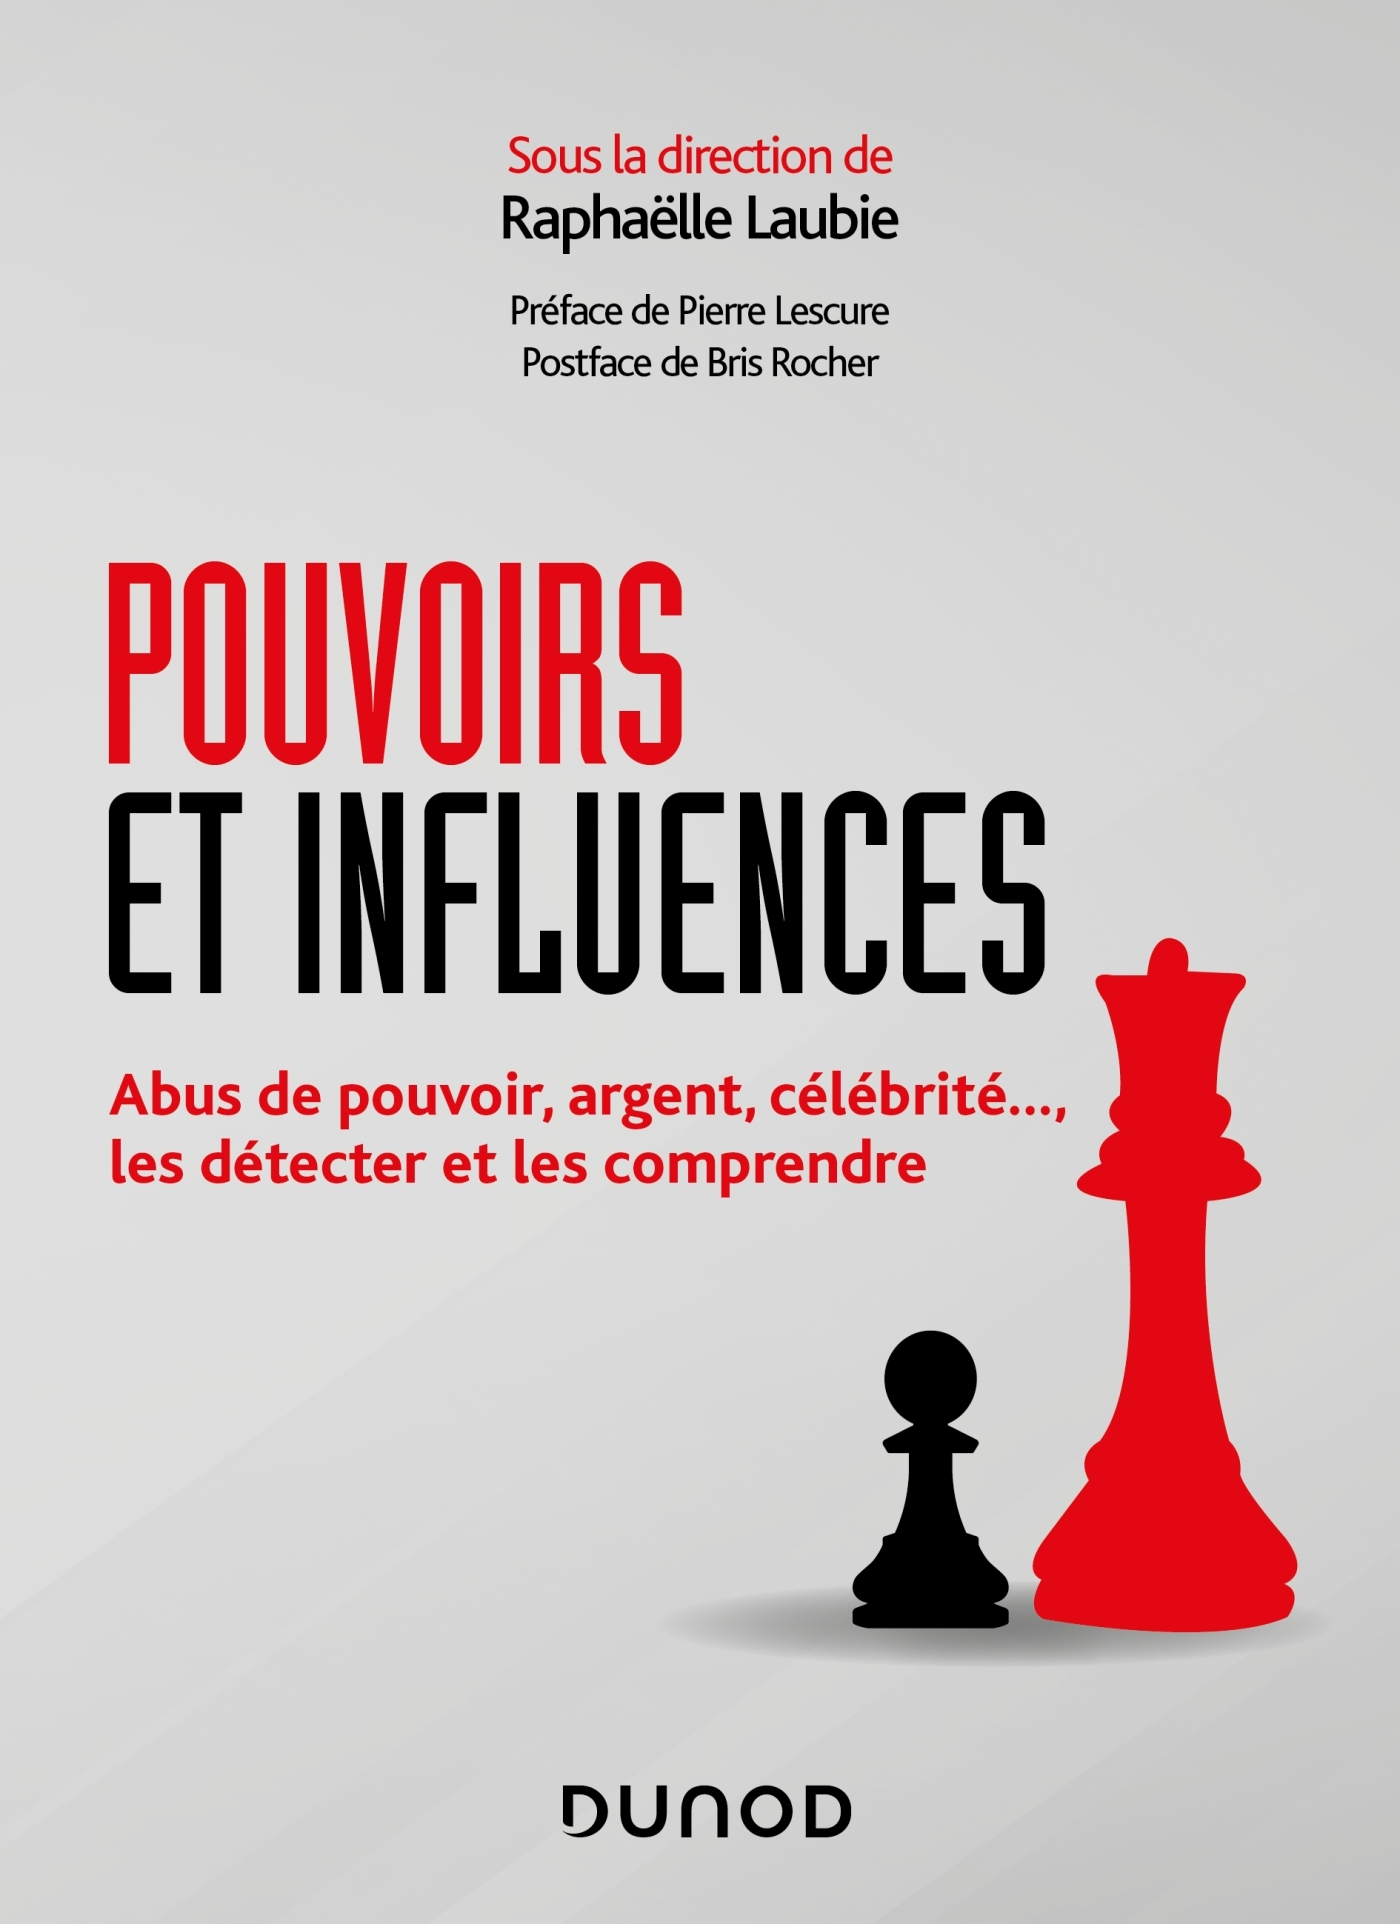 POUVOIRS ET INFLUENCES - ABUS DE POUVOIR, ARGENT, CELEBRITE..., LES DETECTER ET LES COMPRENDRE